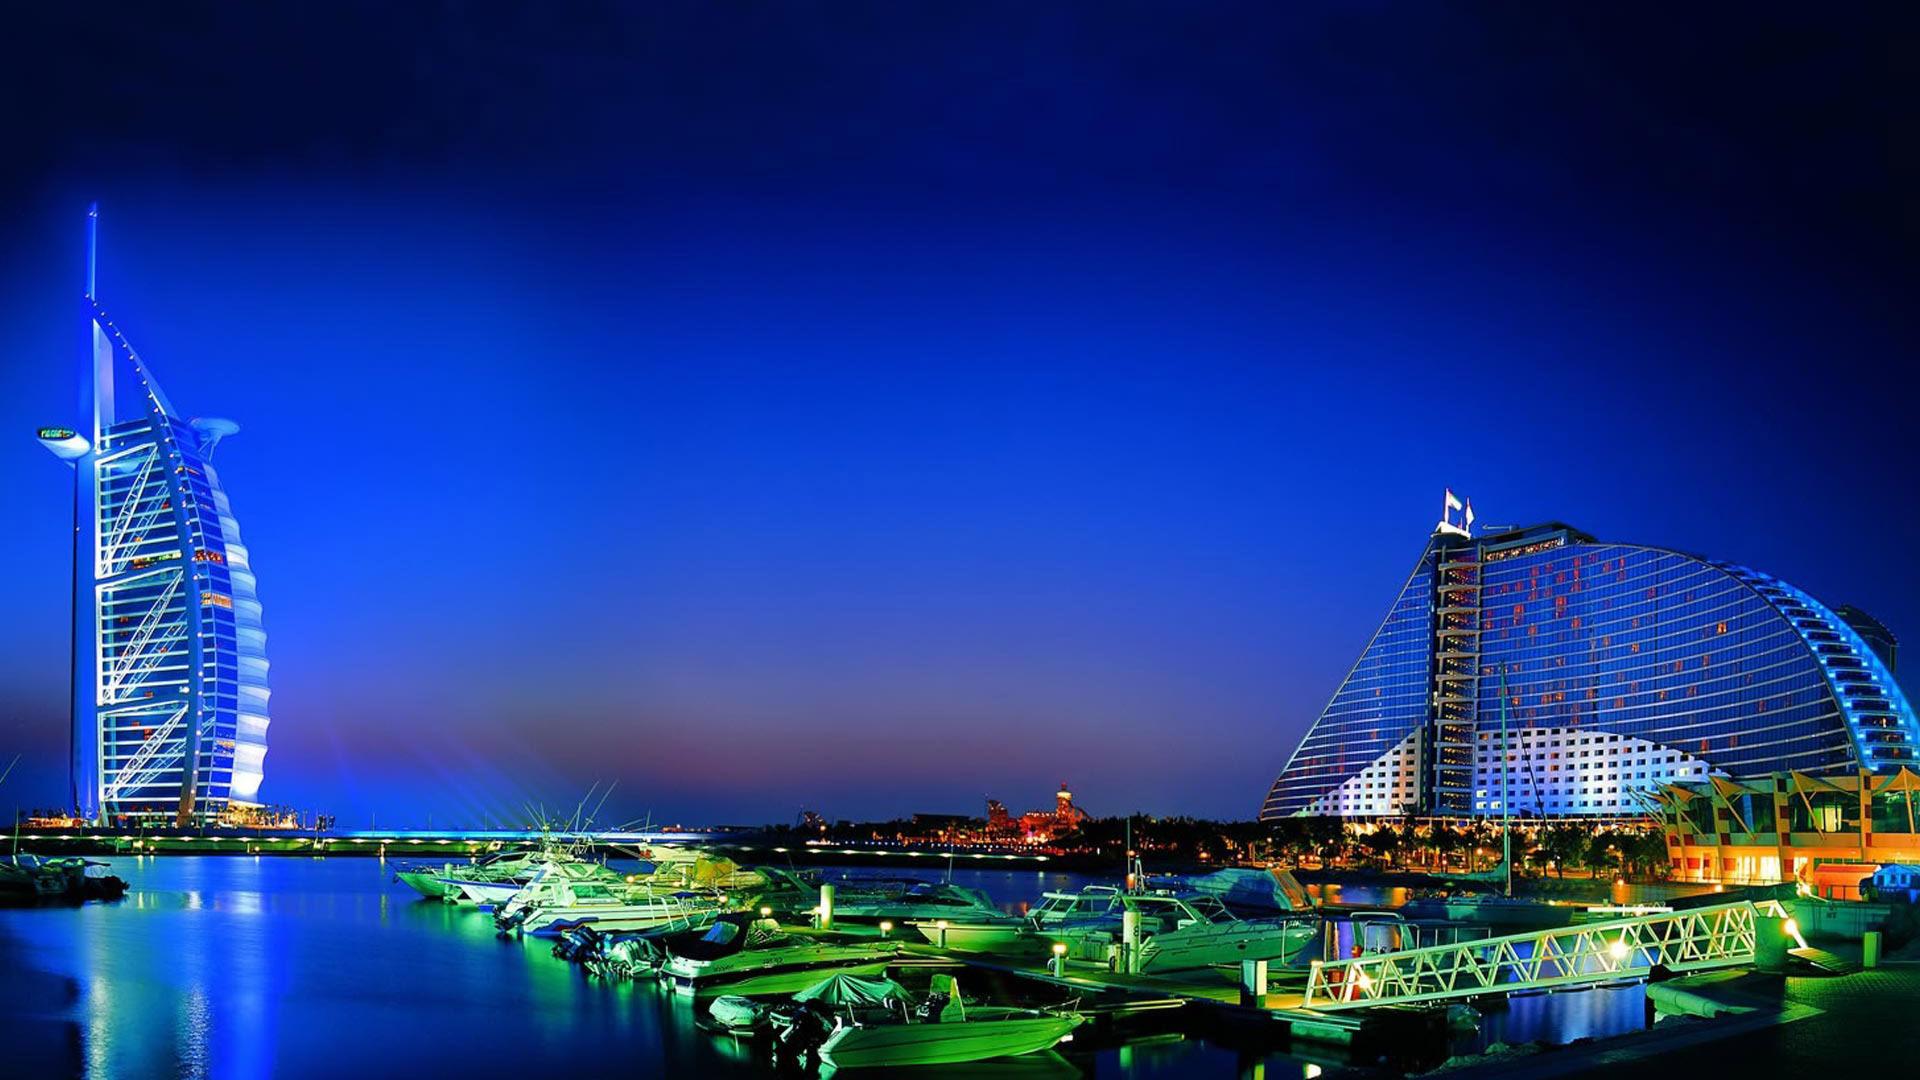 DUBAI USKRS PRVI MAJ AVIONOM - PROLEĆNA PUTOVANJA